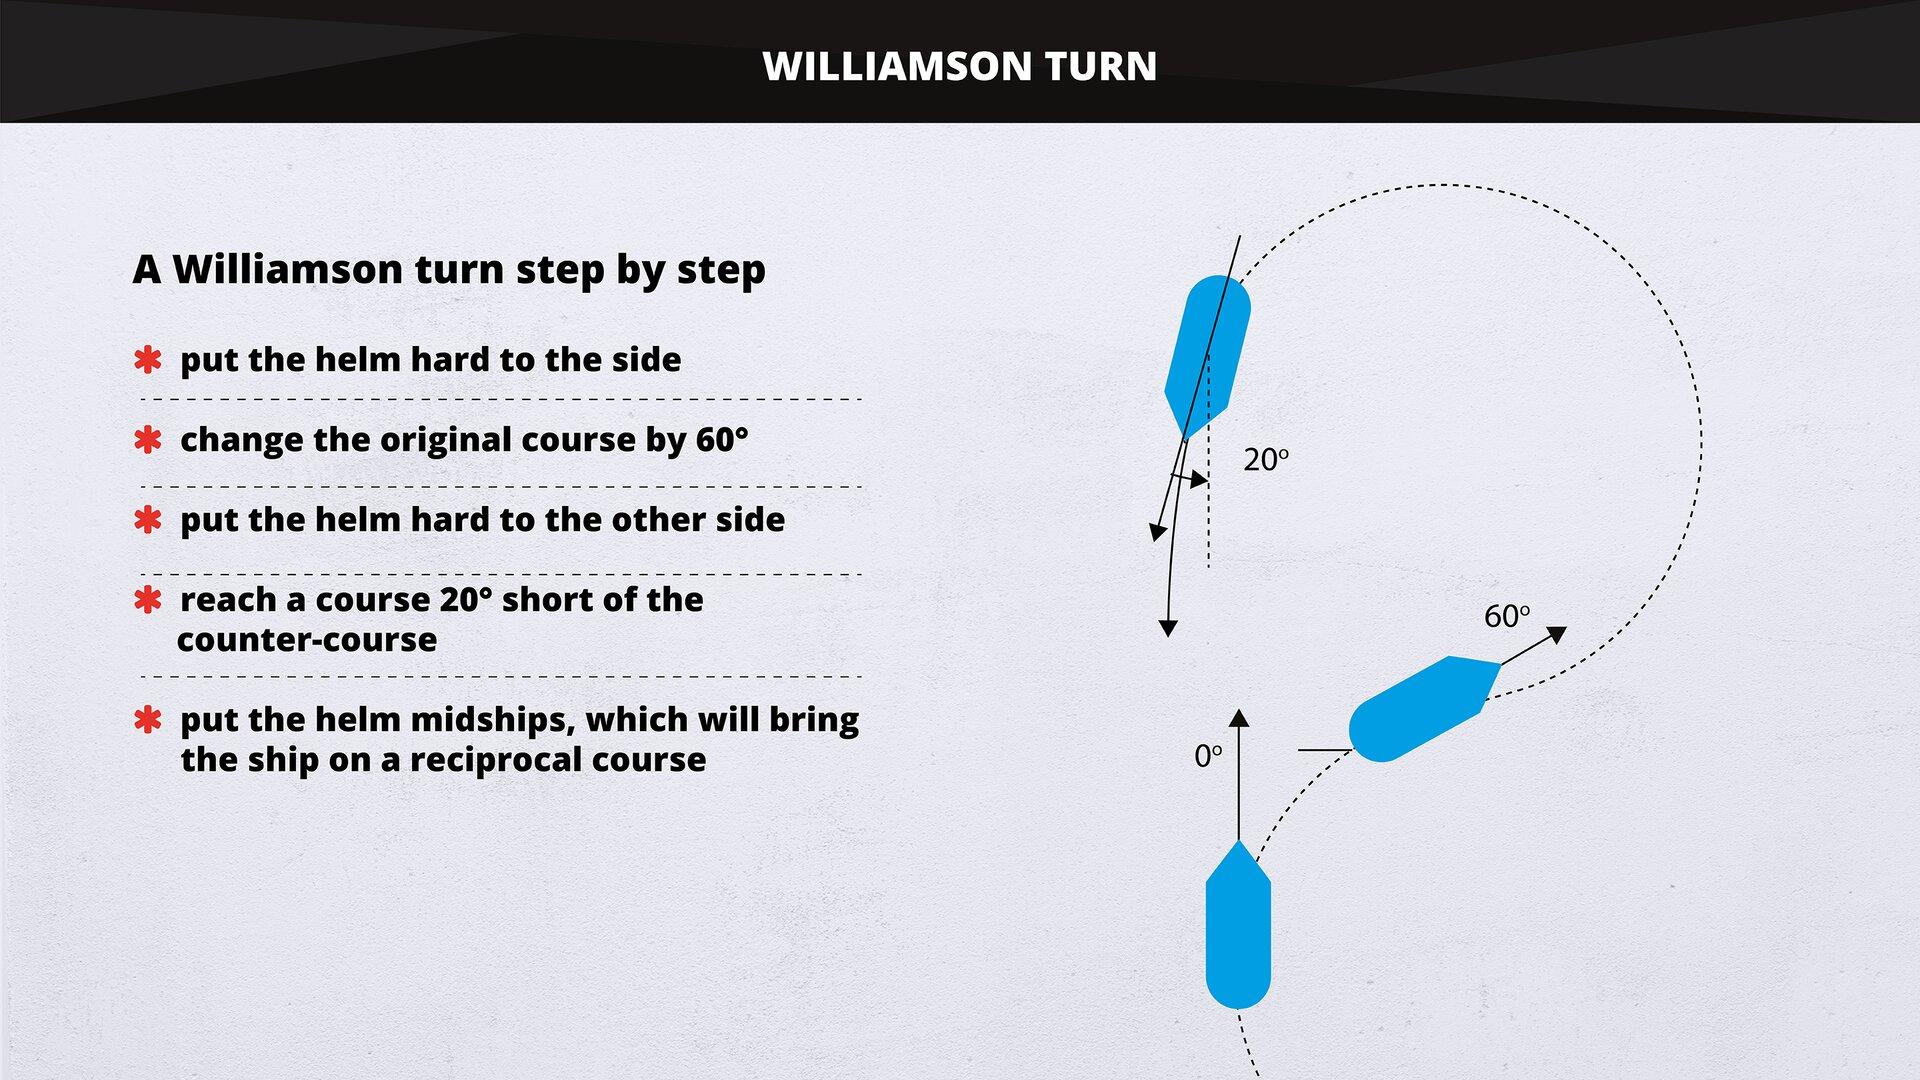 The image presents aschematic representation of aWilliamson turn. Grafika wschematyczny sposób pokazuje pętlę Williamsona.